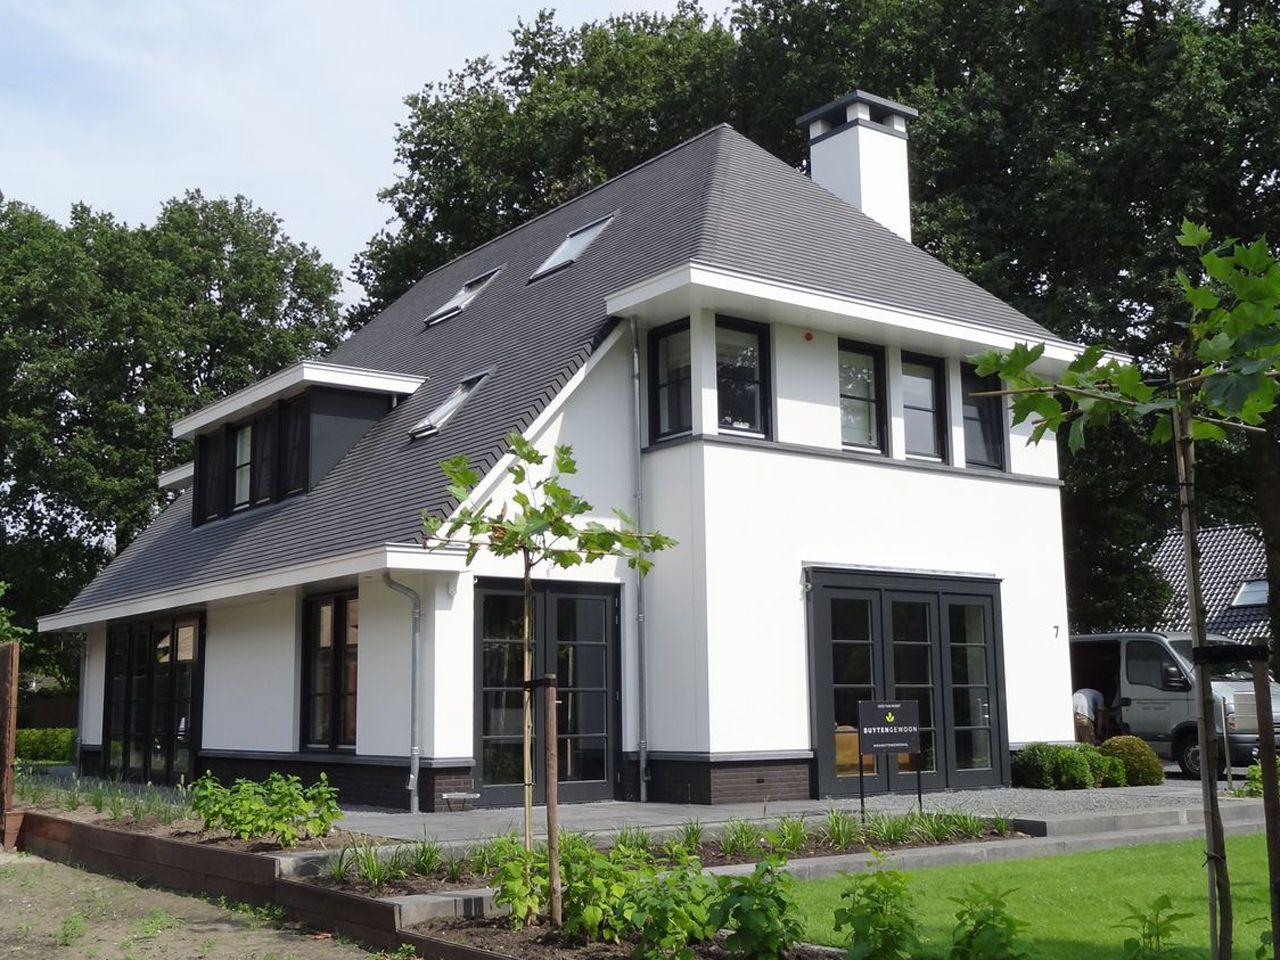 Villa's, Met and Ramen on Pinterest